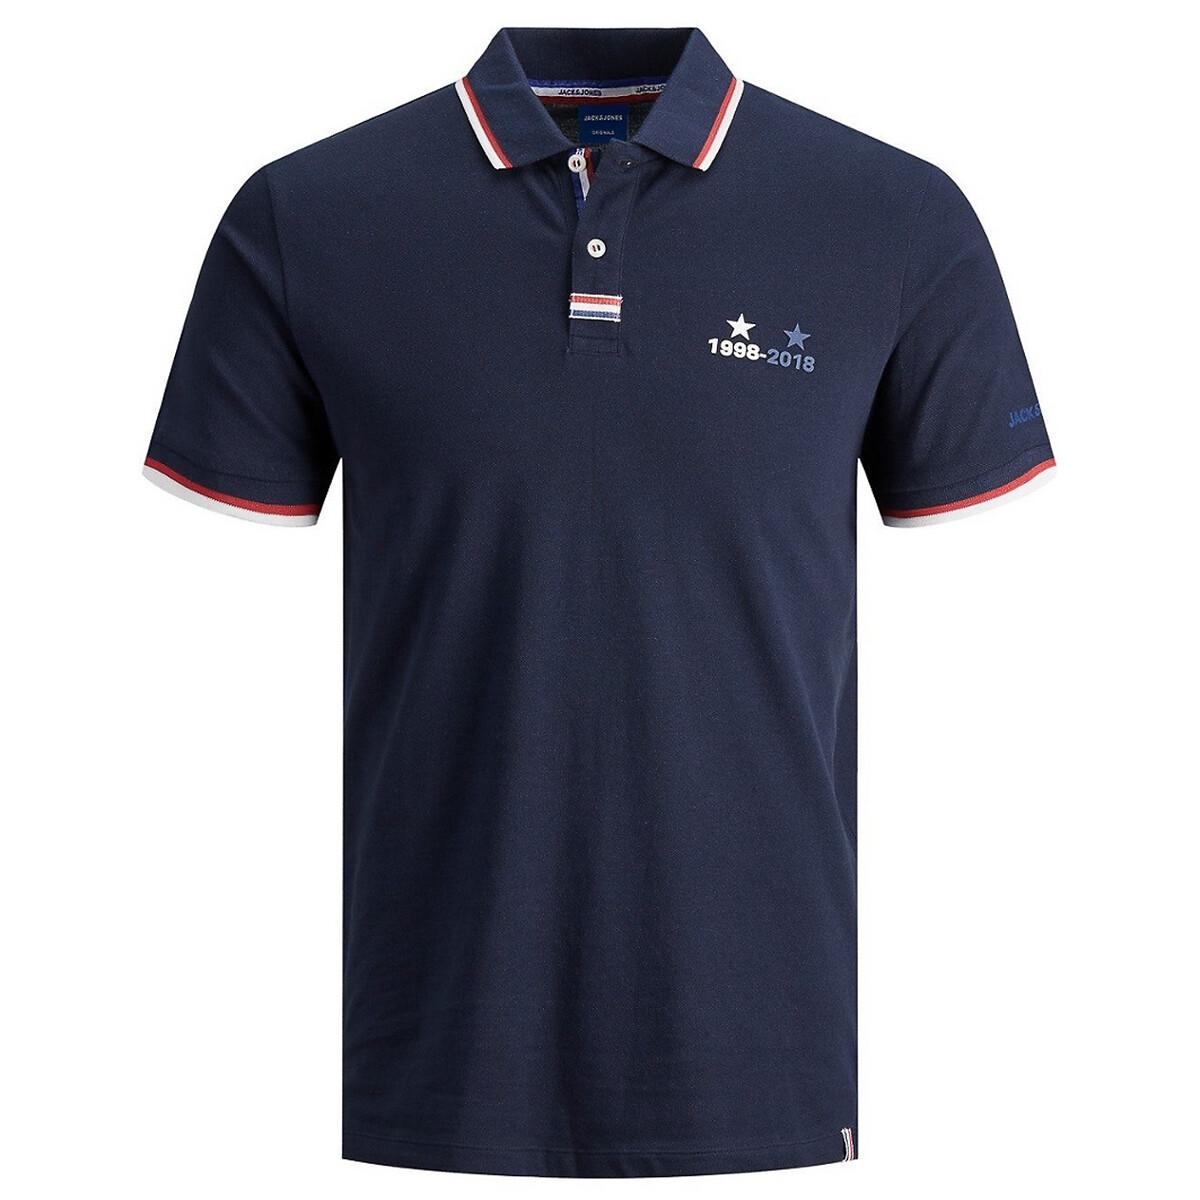 Футболка-поло LaRedoute Из трикотажа пике Jorclement Euro S синий футболка поло la redoute из трикотажа пике shaker xxl синий